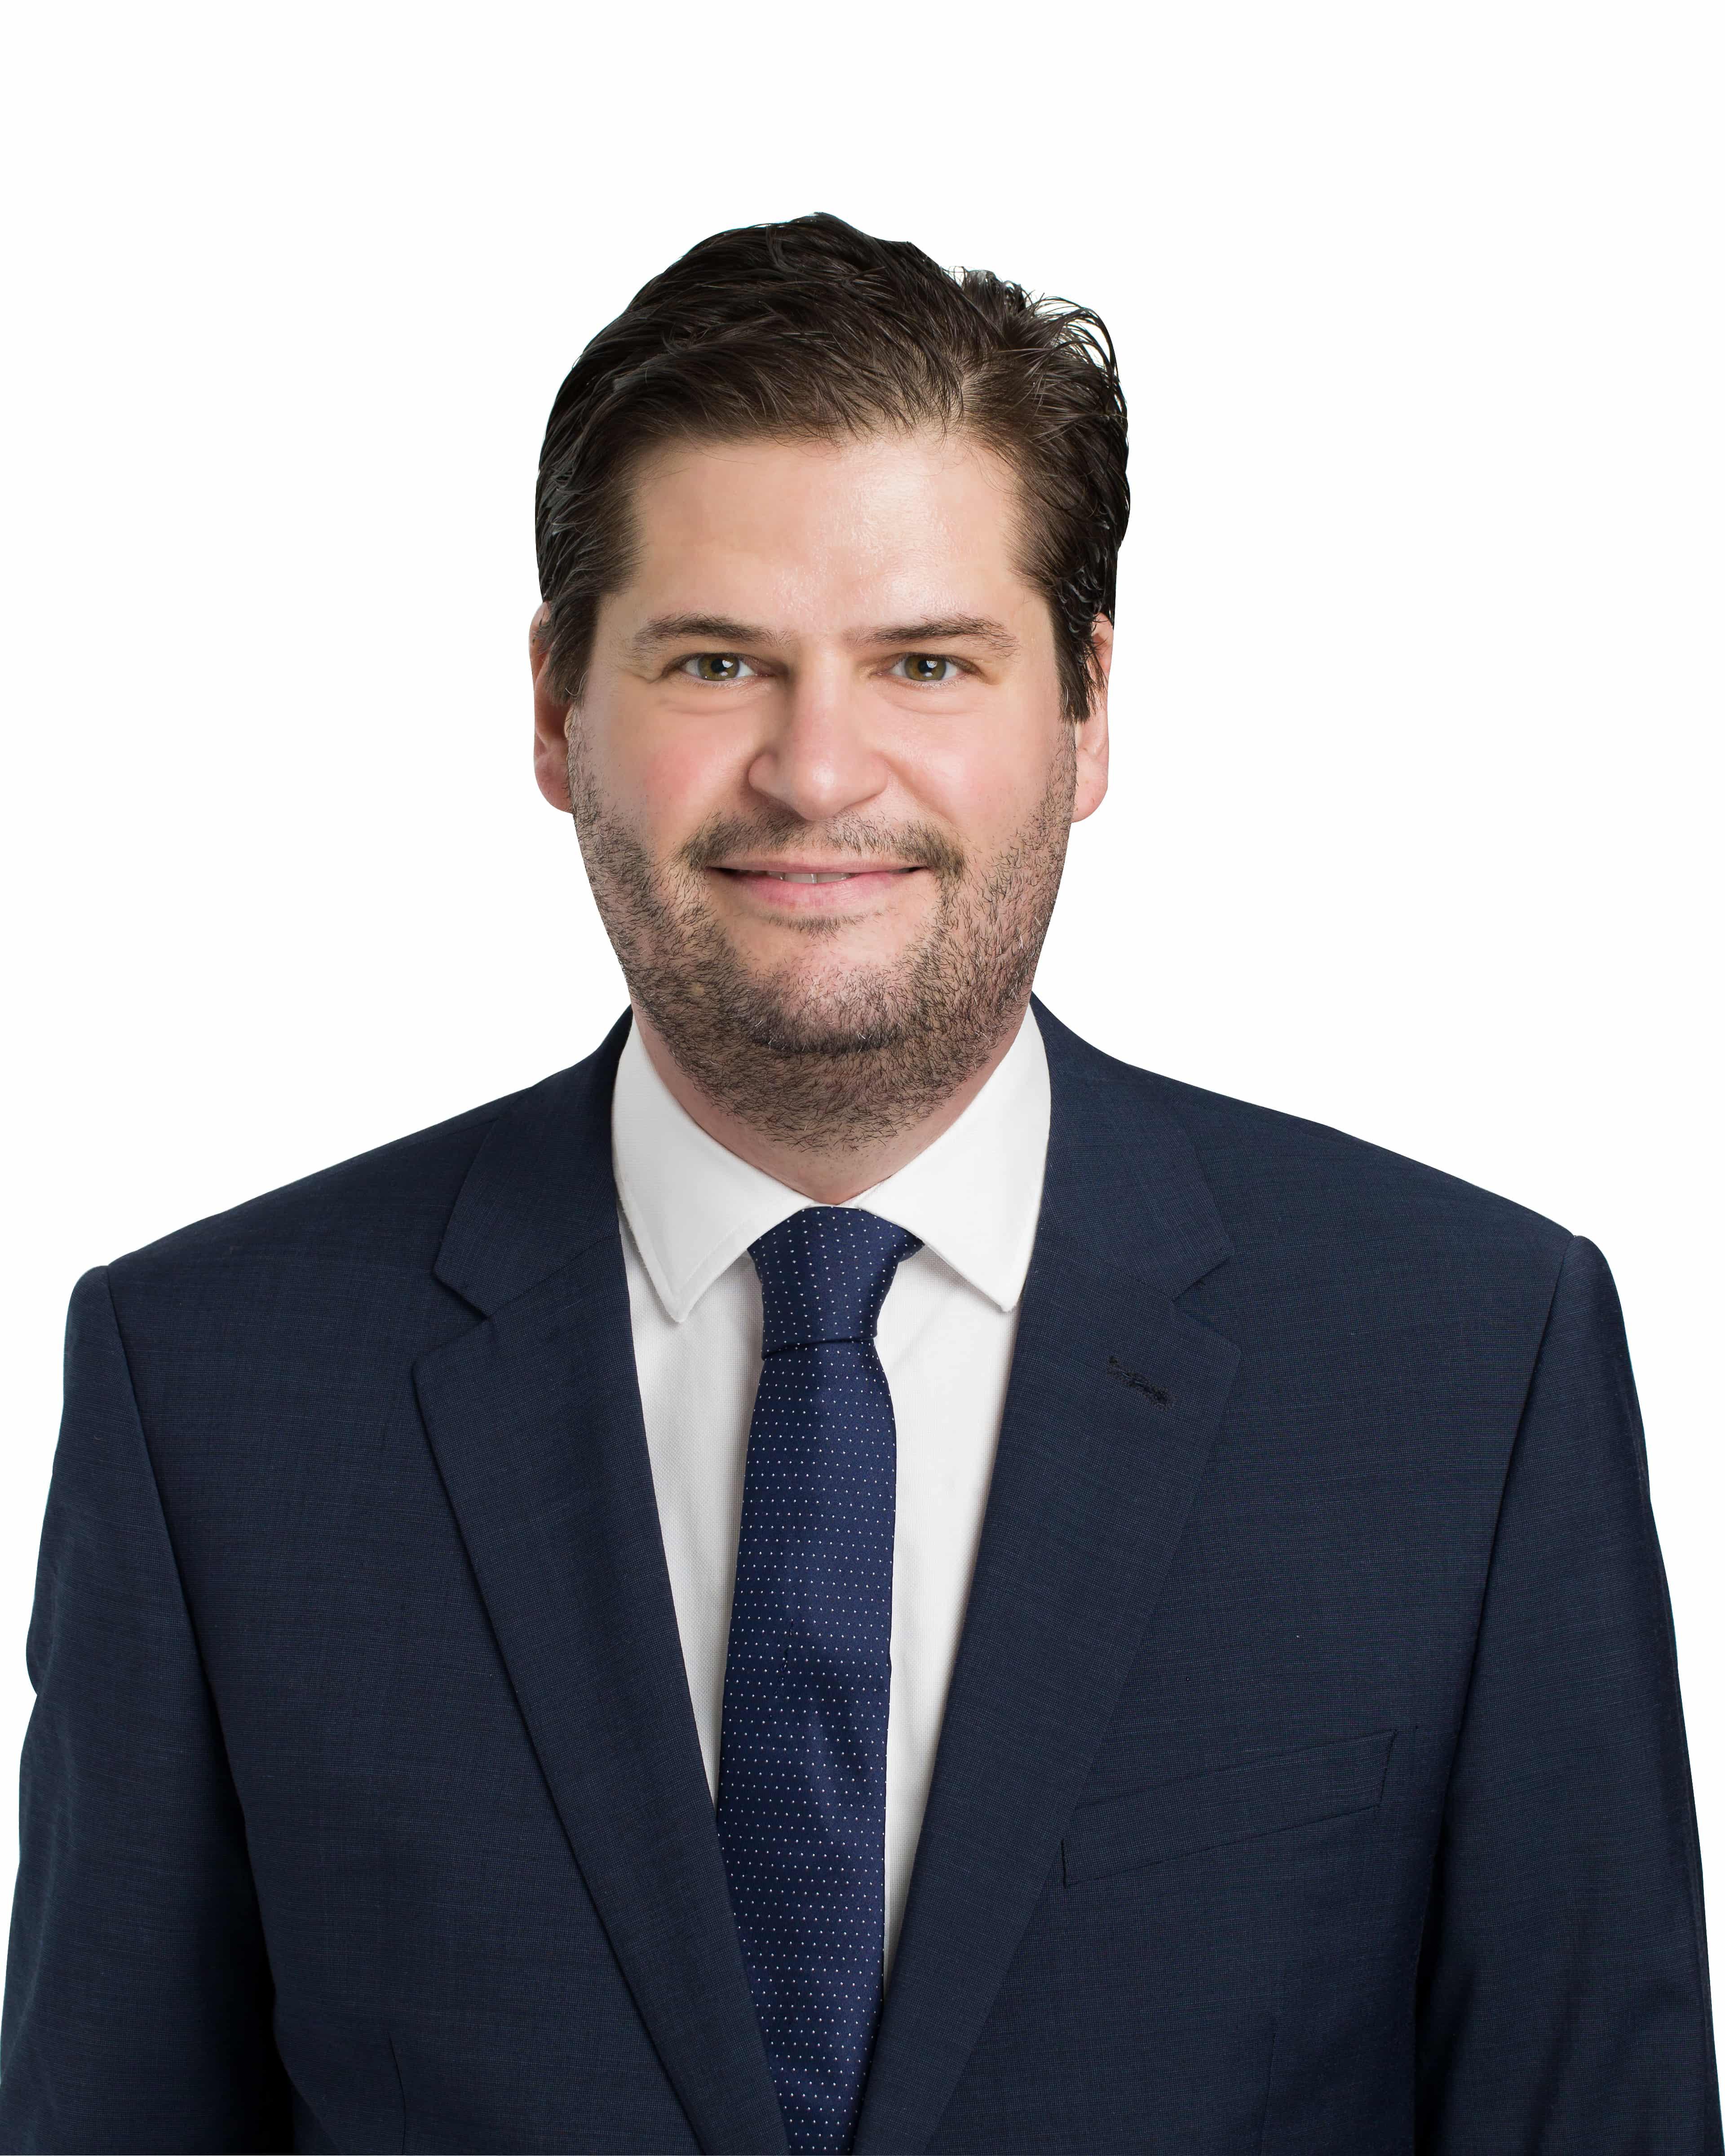 Esteban Gomez